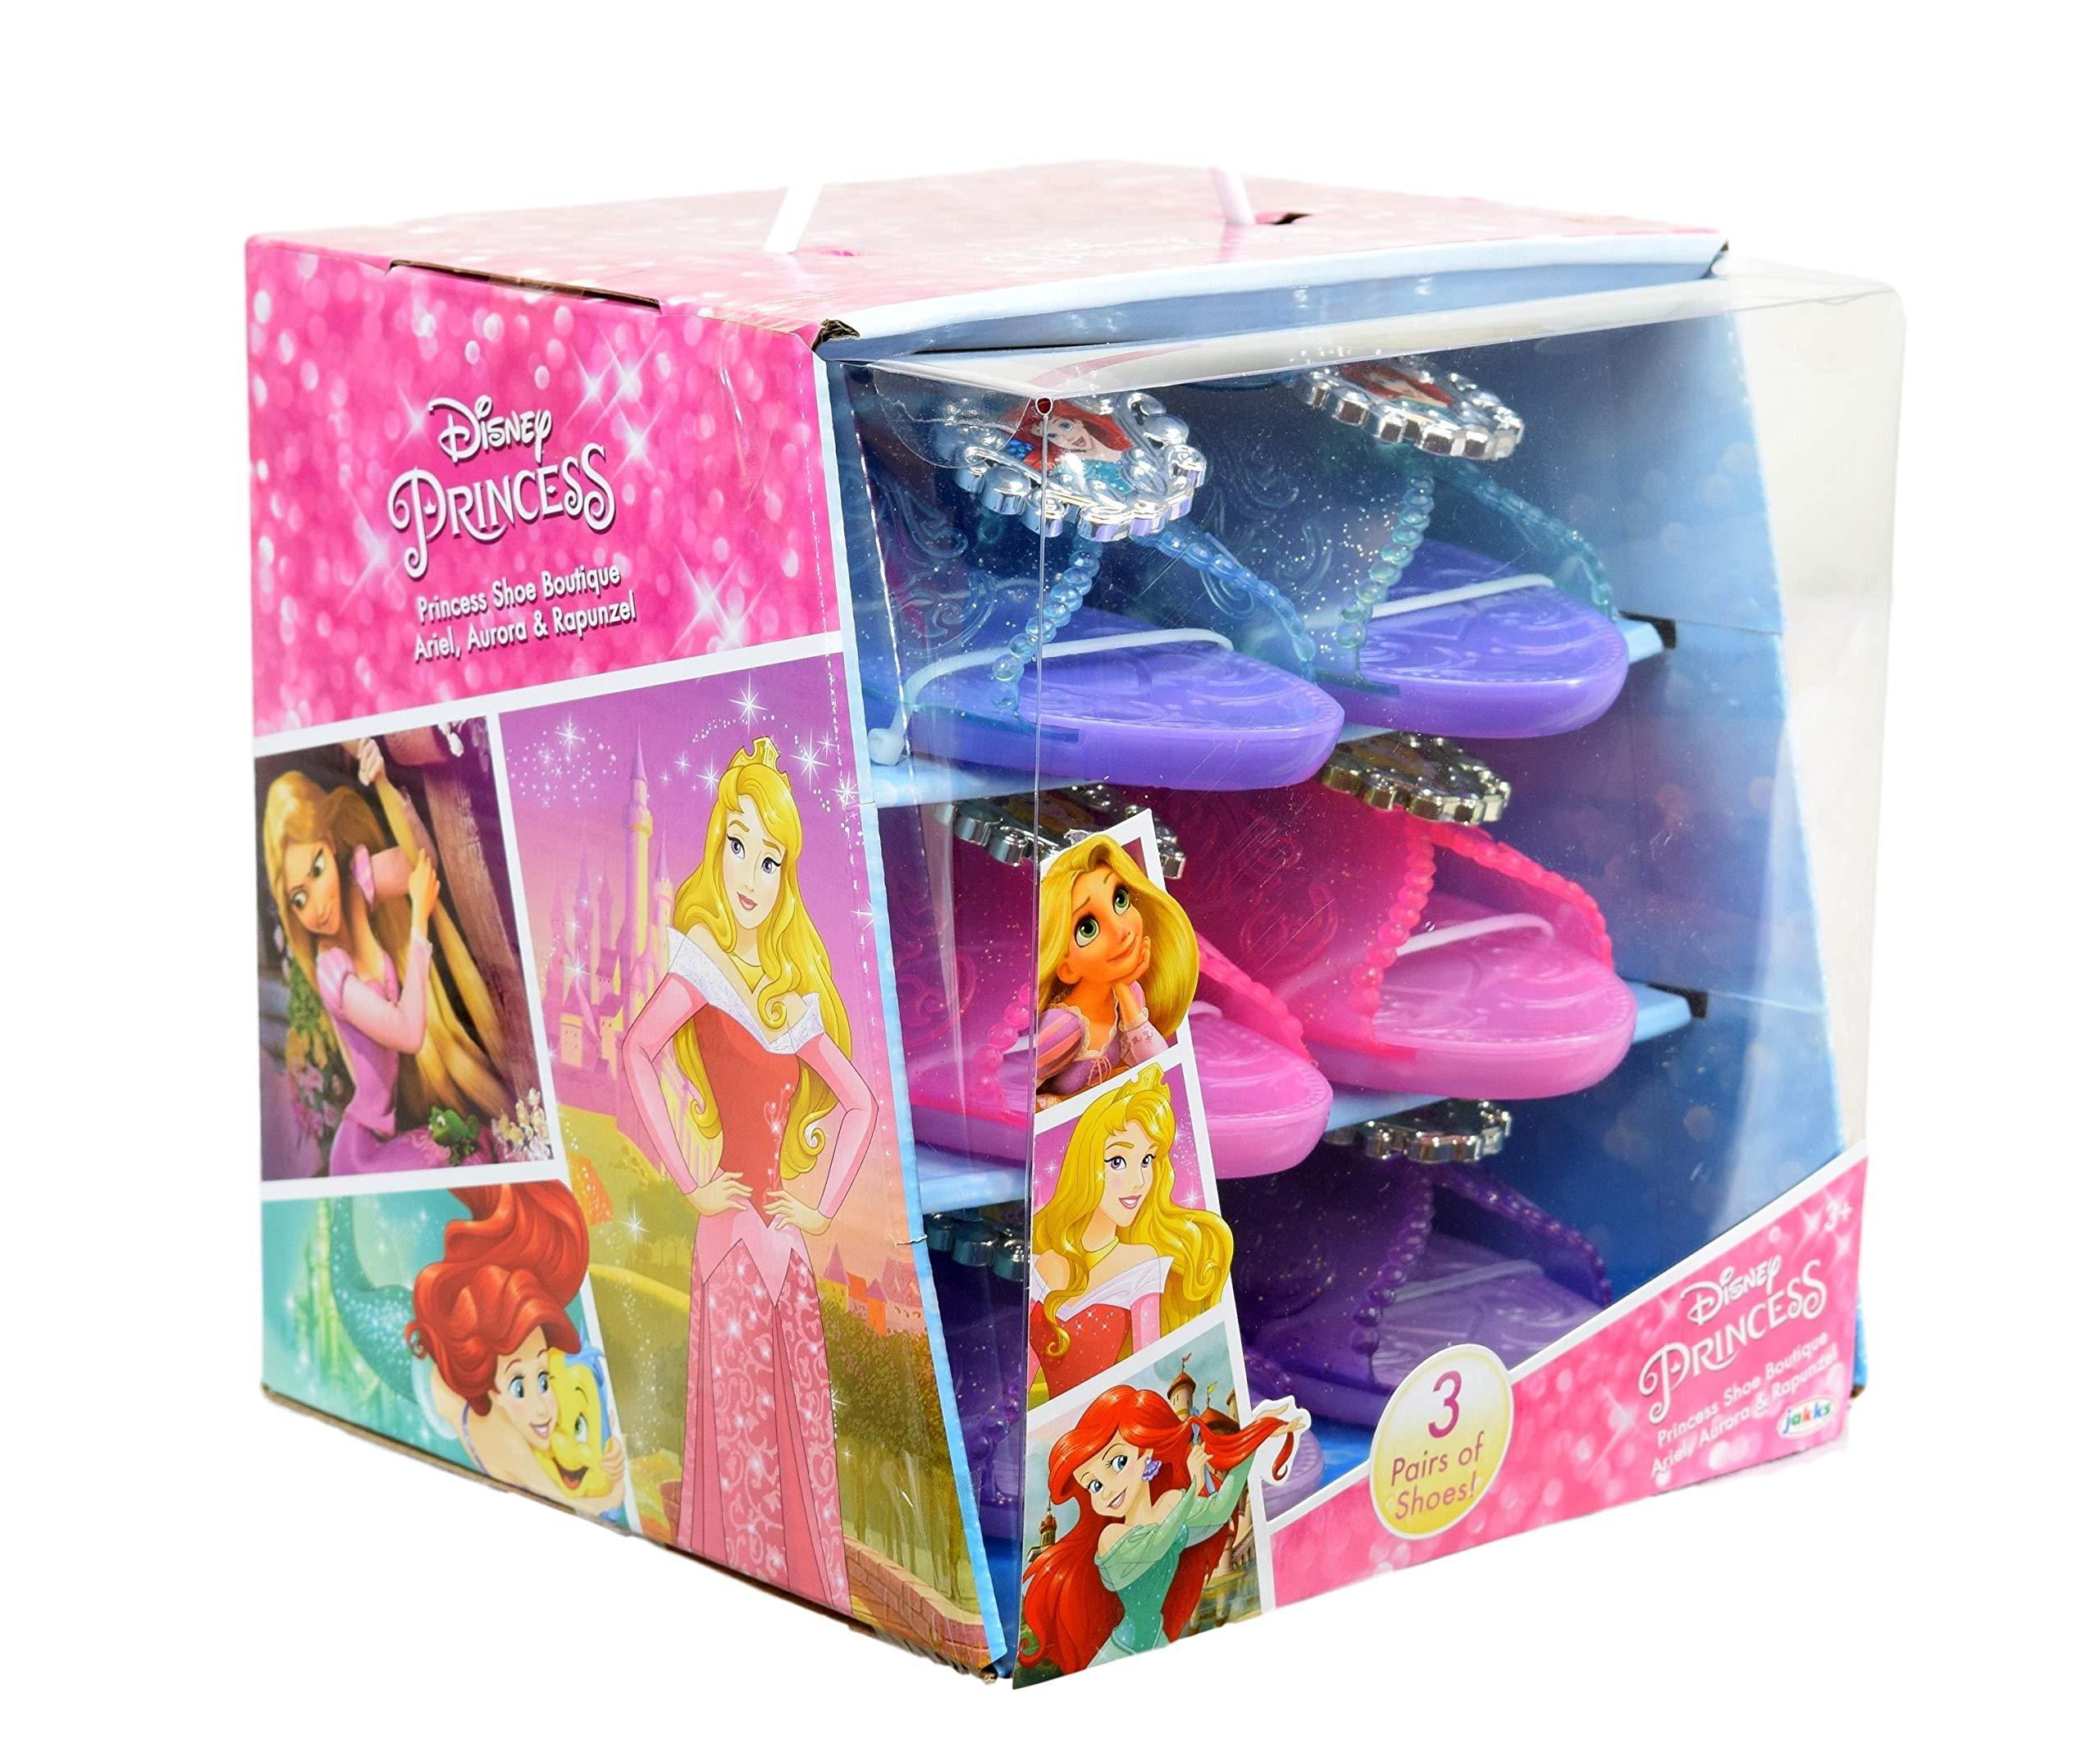 Disney Princess Shoe Boutique 3 Pack: Ariel, Rapunzel, Aurora